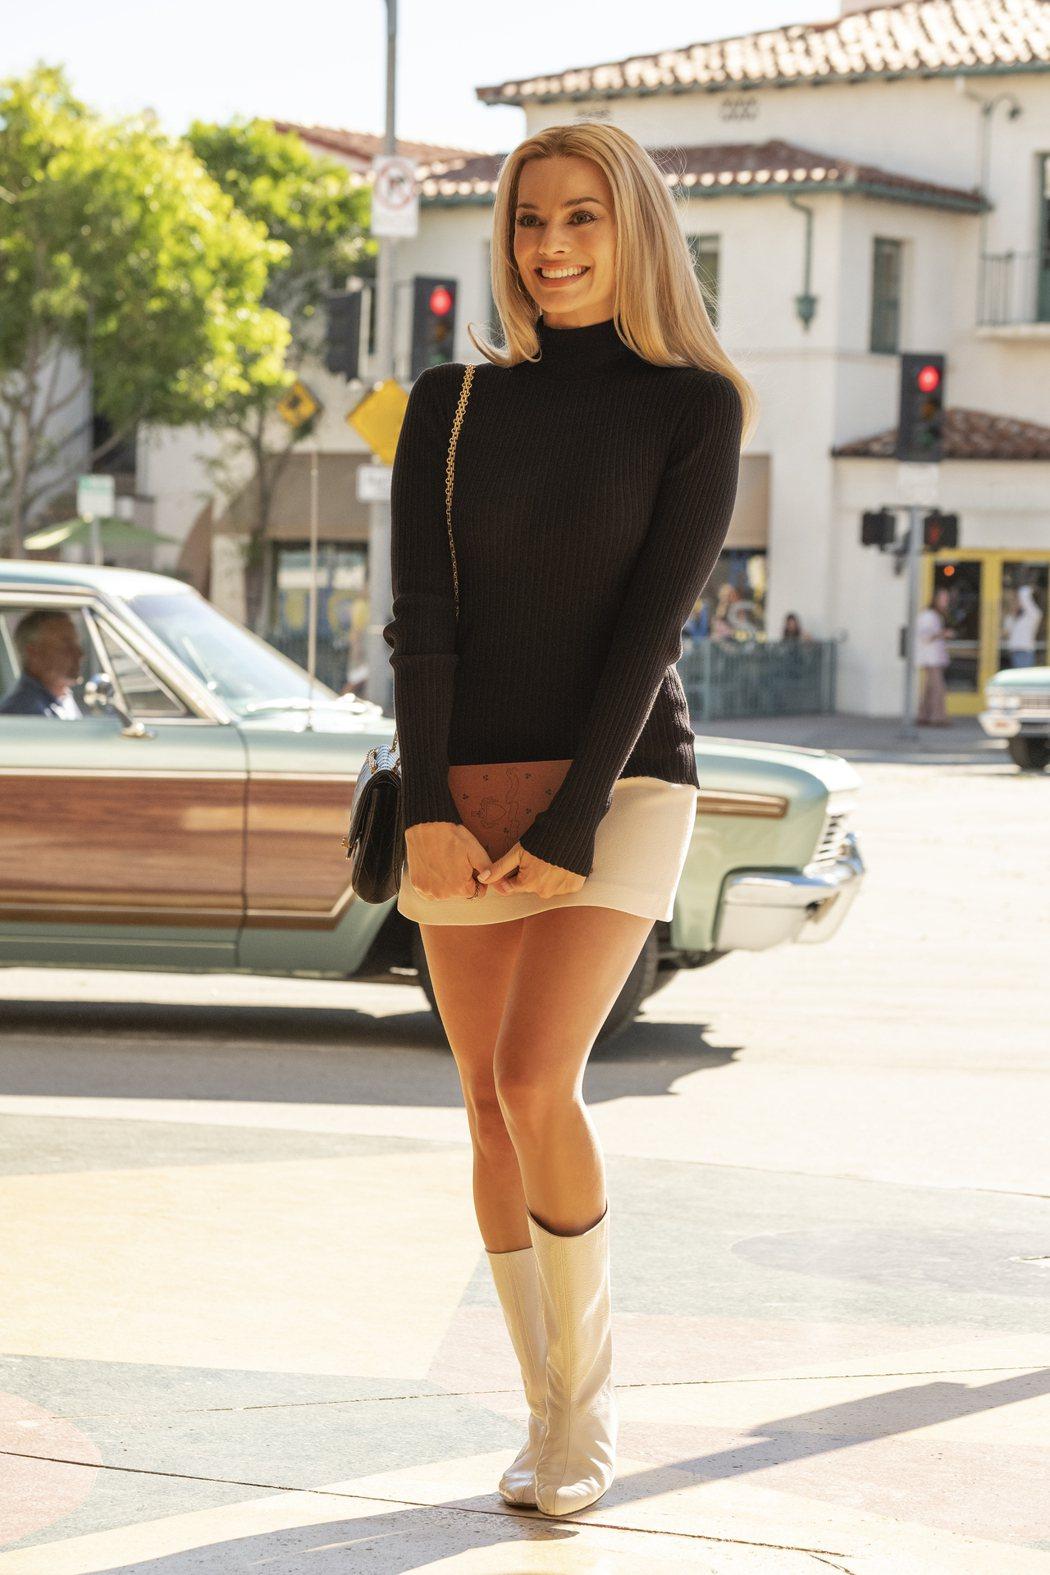 瑪格羅比在「從前,有個好萊塢」飾演女星莎朗蒂。圖/双喜提供